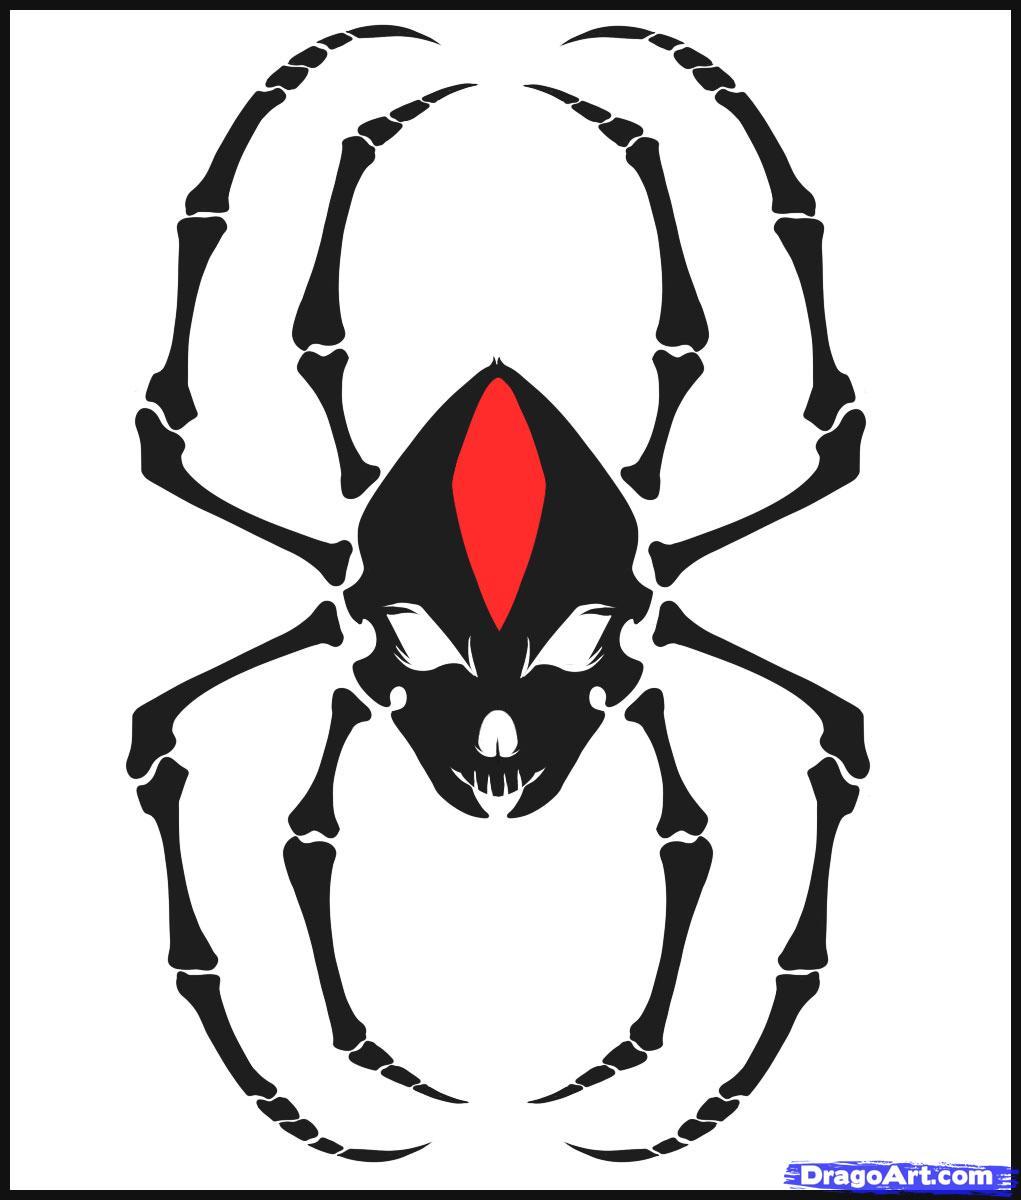 Drawn spider tribal music Skulls a skull Skull draw